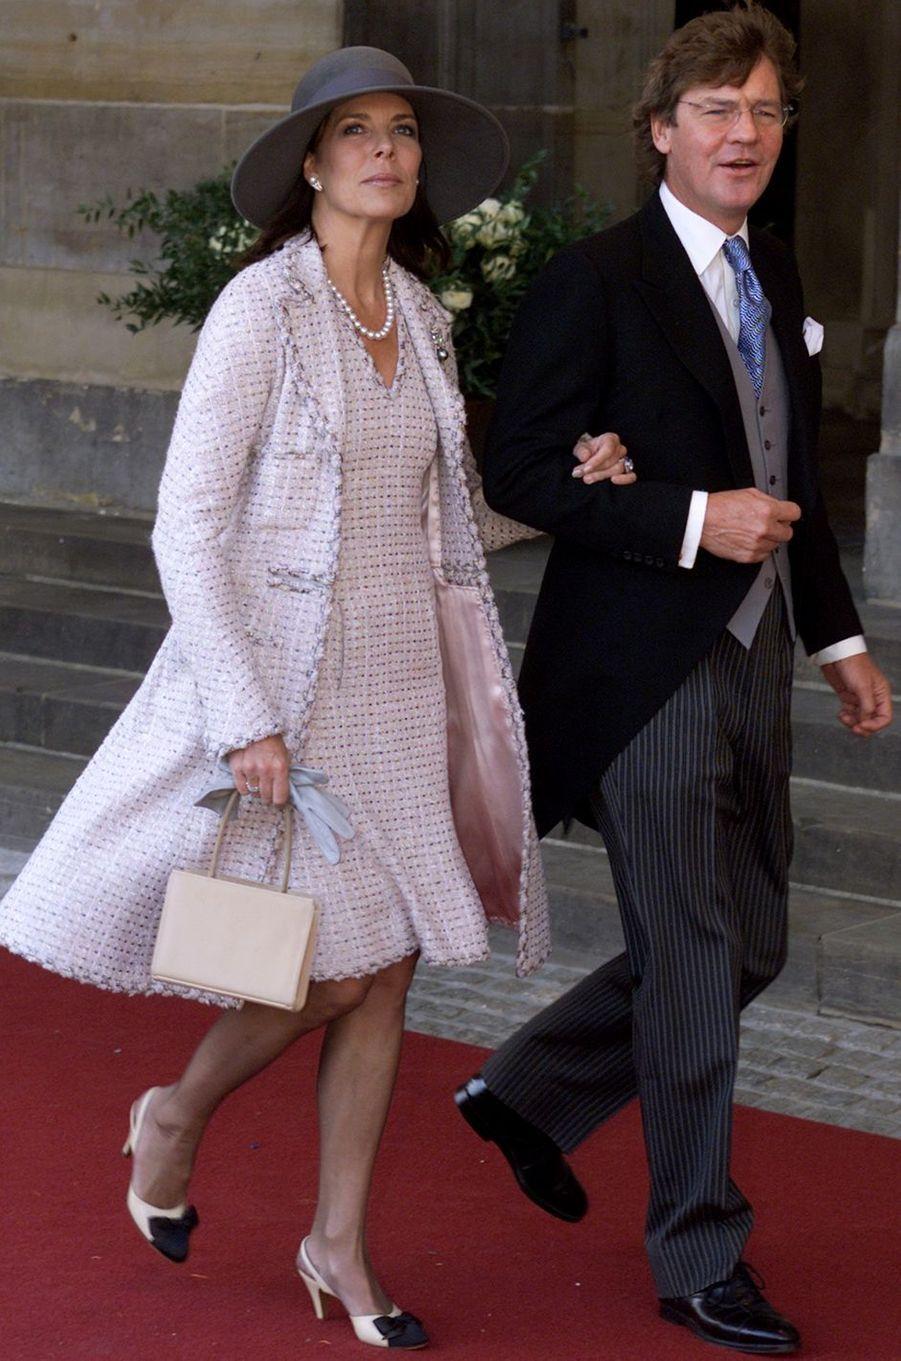 La princesse Caroline de Monaco et son mari le prince Ernst August de Hanovre au mariage du prince Willem-Alexander des Pays-Bas etde Maxima Zorreguieta à Amsterdam, le 2 février 2002